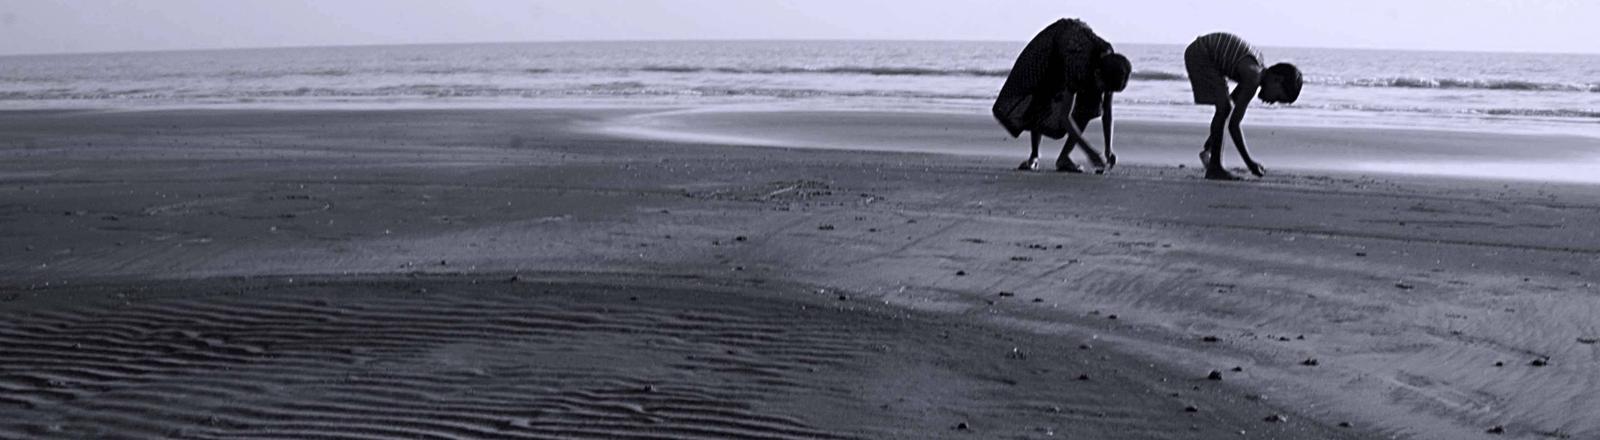 Kinder am Strand von Bangladesch sammeln Schnecken.